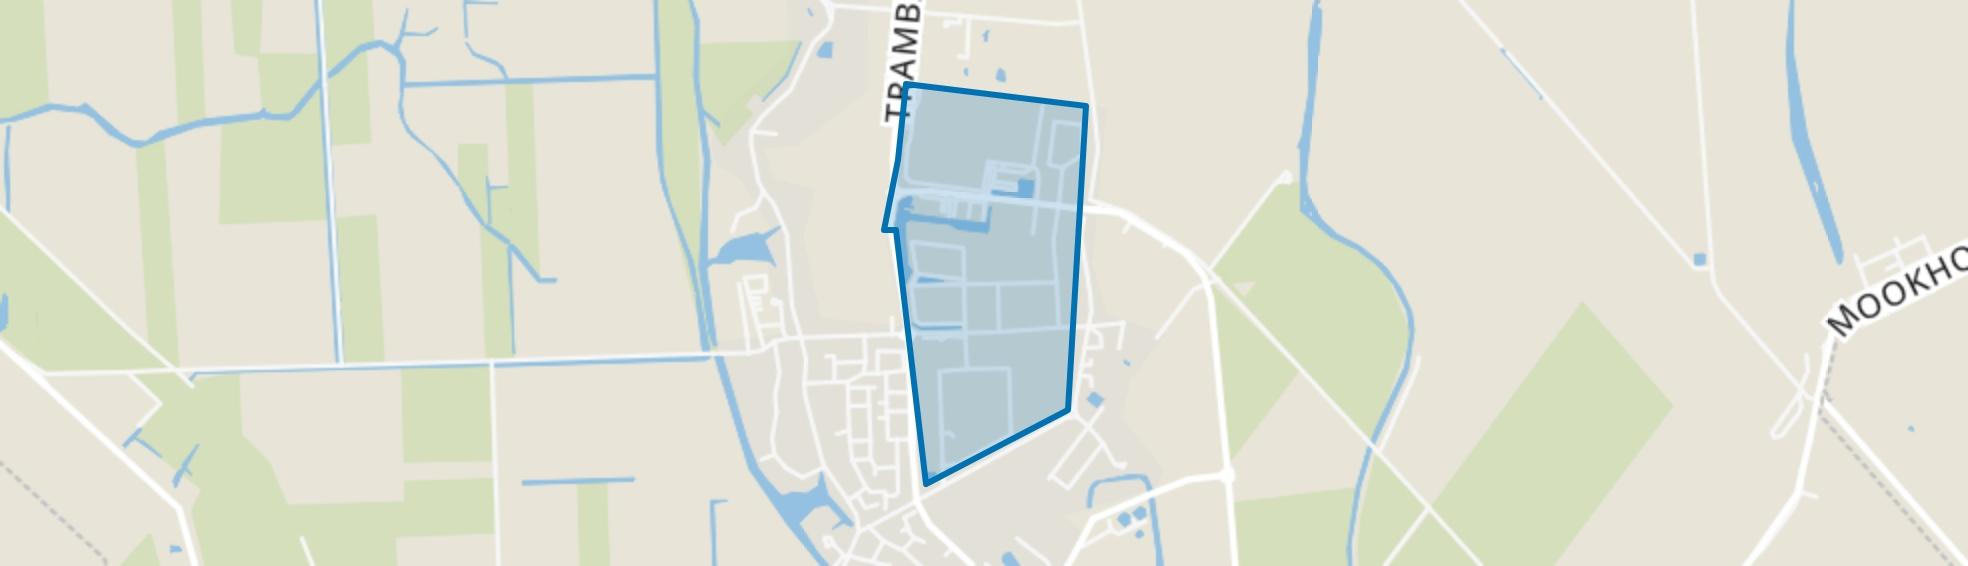 Strijen Bedrijventerrein Bonaventura, Strijen map